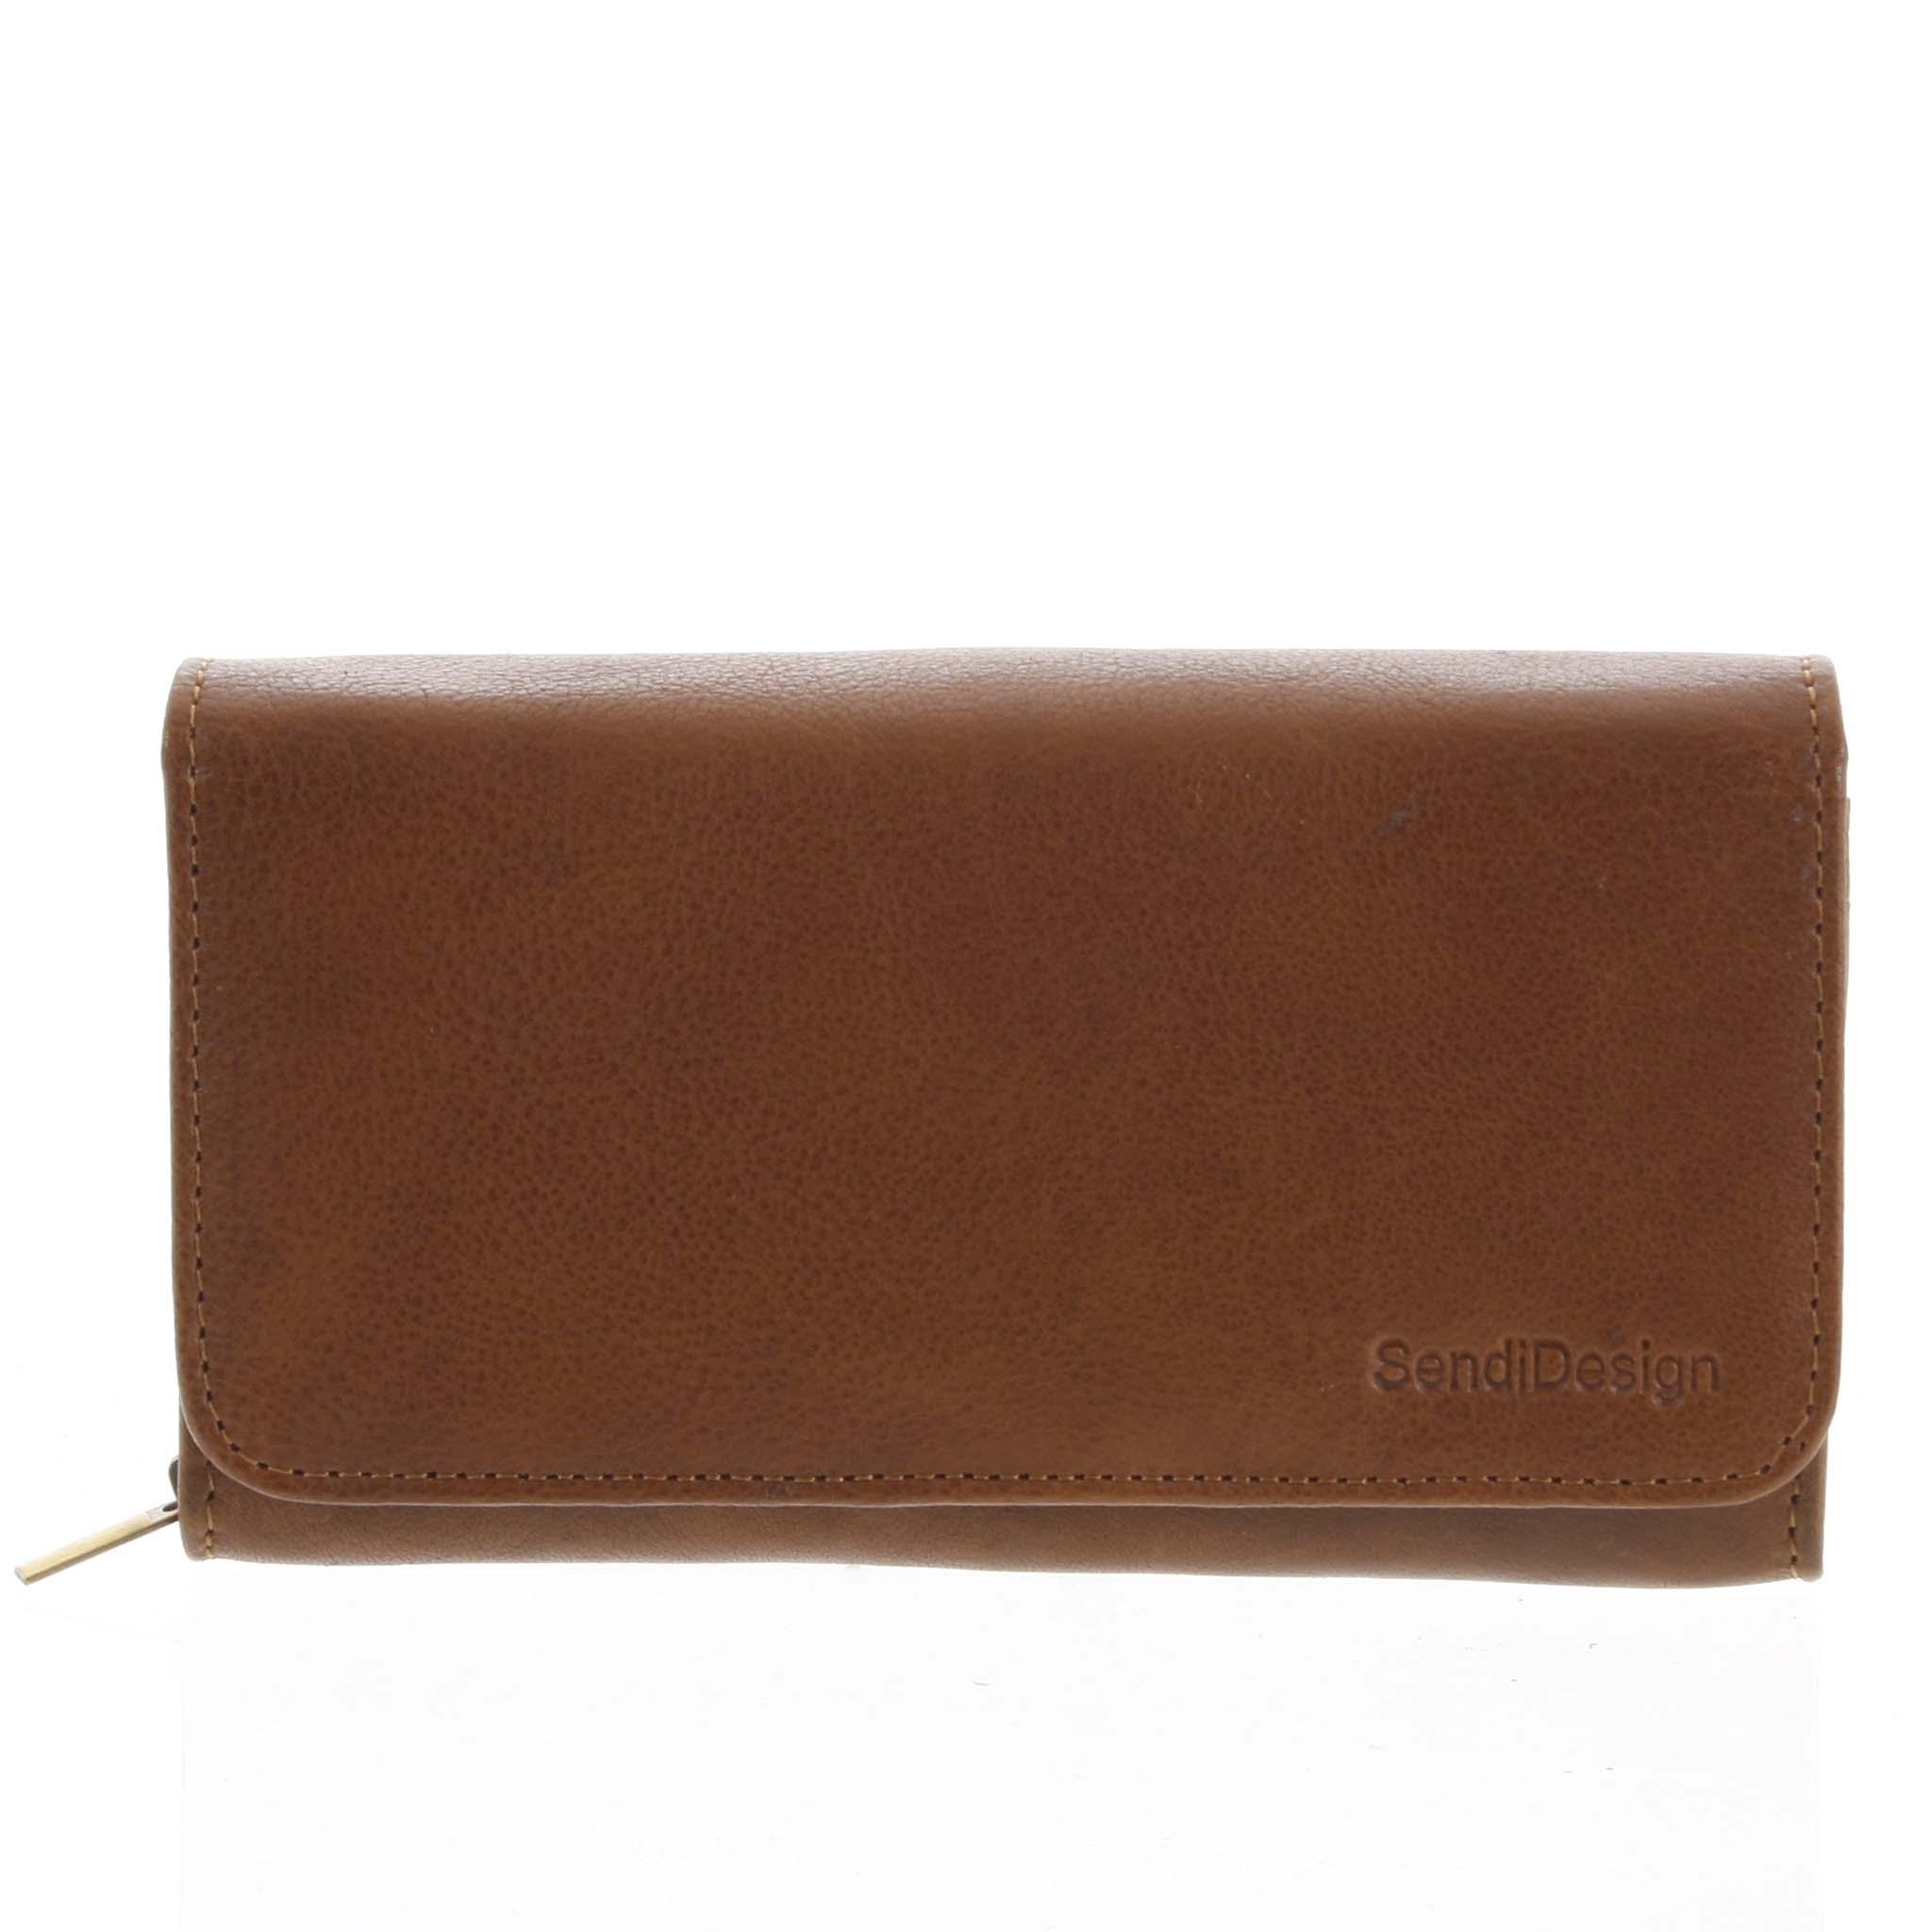 Dámská kožená peněženka světle hnědá - SendiDesign Really